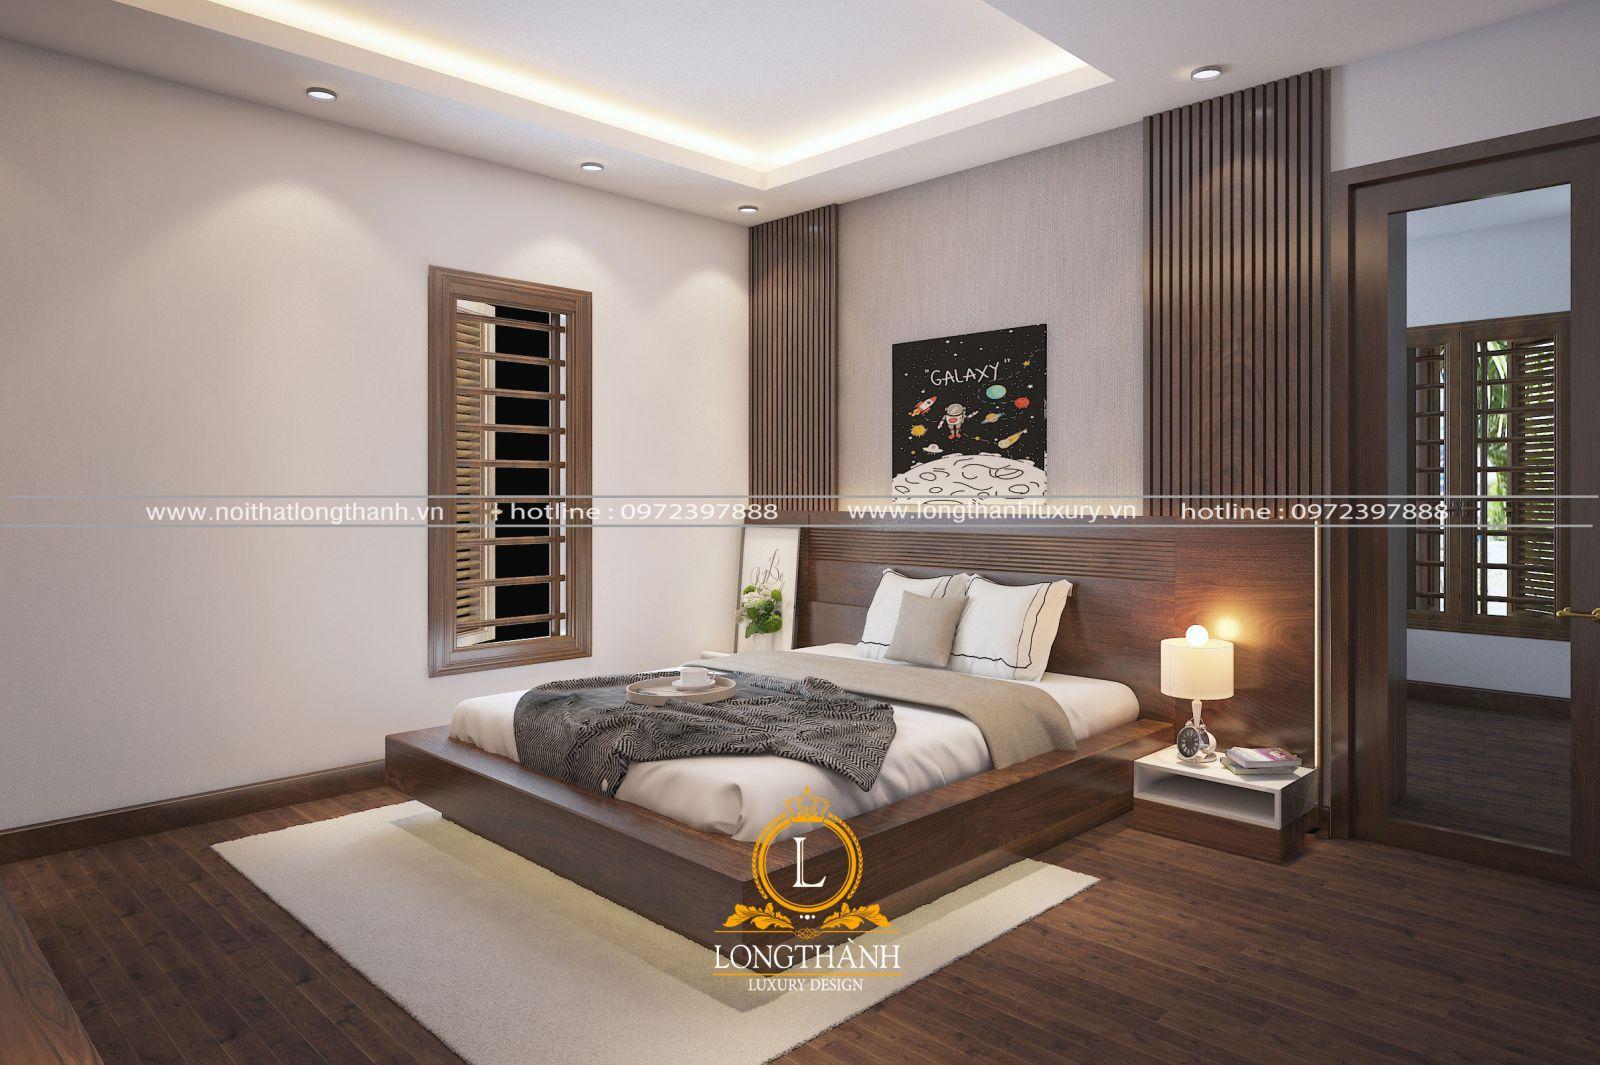 Trang trí không gian phòng ngủ nhà phố sinh động mang màu sắc hiện đại